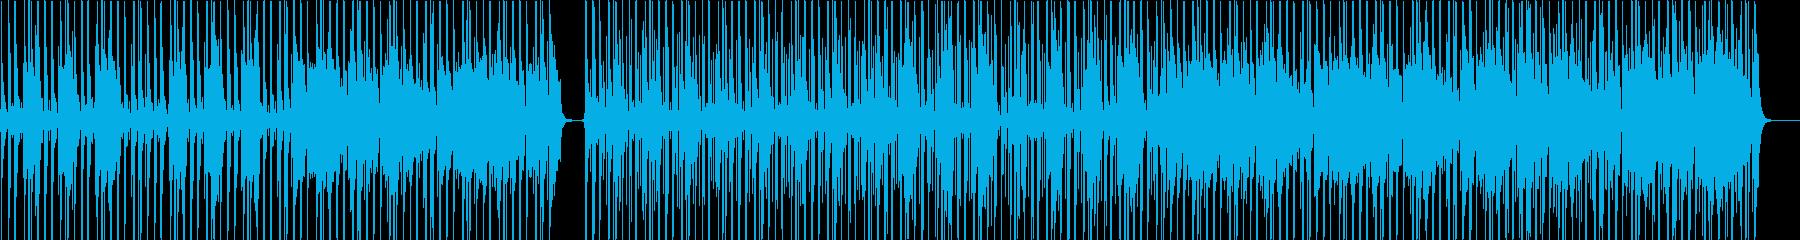 ファンクテイストのオルタナロックの再生済みの波形